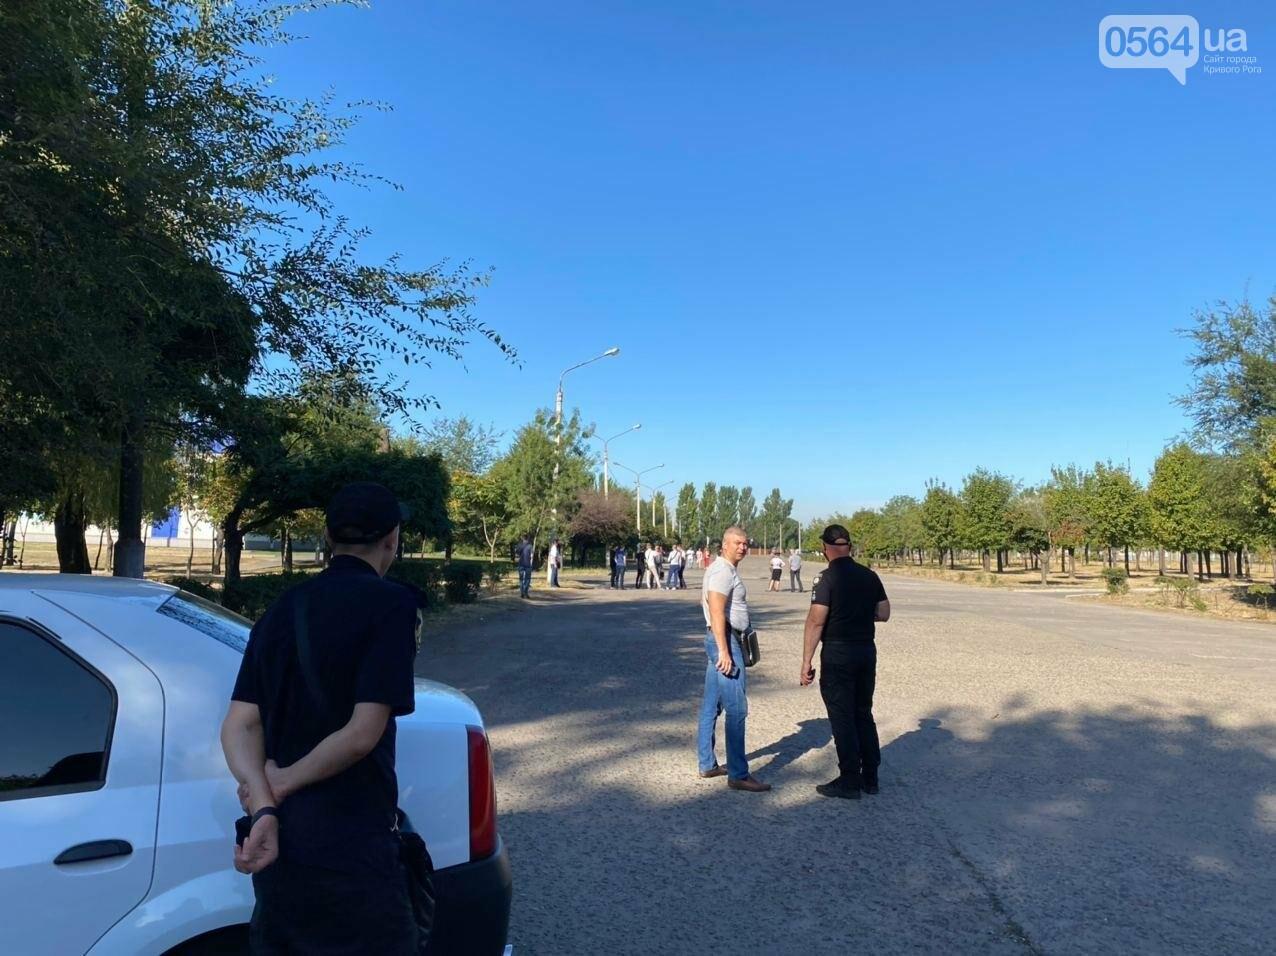 """Возле стадиона """"Металлург"""" в Кривом Роге ожидают президента. Огромный участок подготовили под парковку автомобилей, - ФОТО, ВИДЕО, ОБНОВЛЕНО, фото-17"""